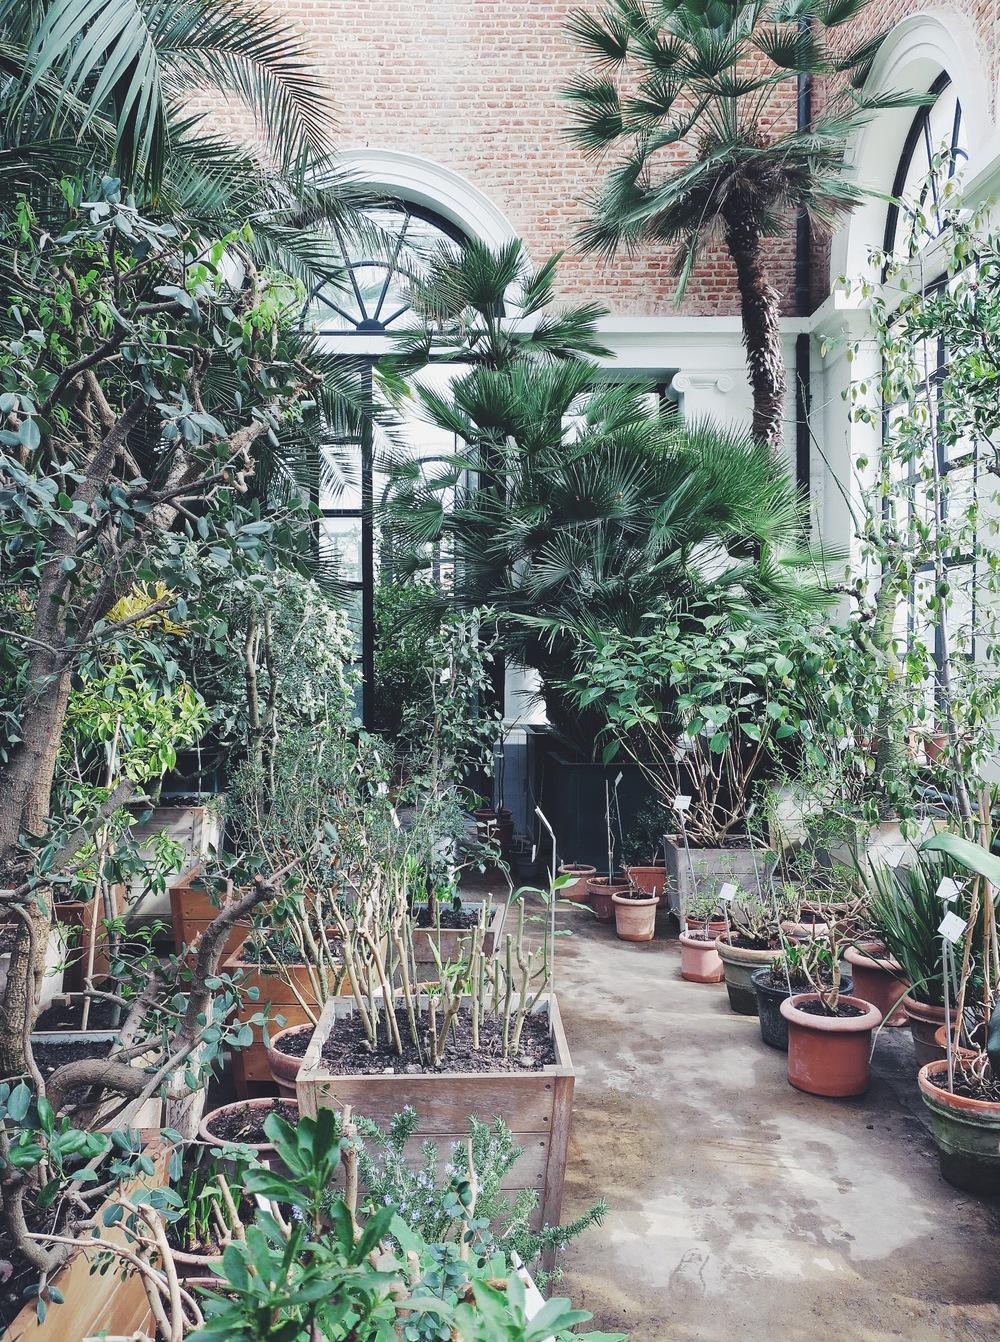 Botanical Garden, Kapucijnenvoer 30